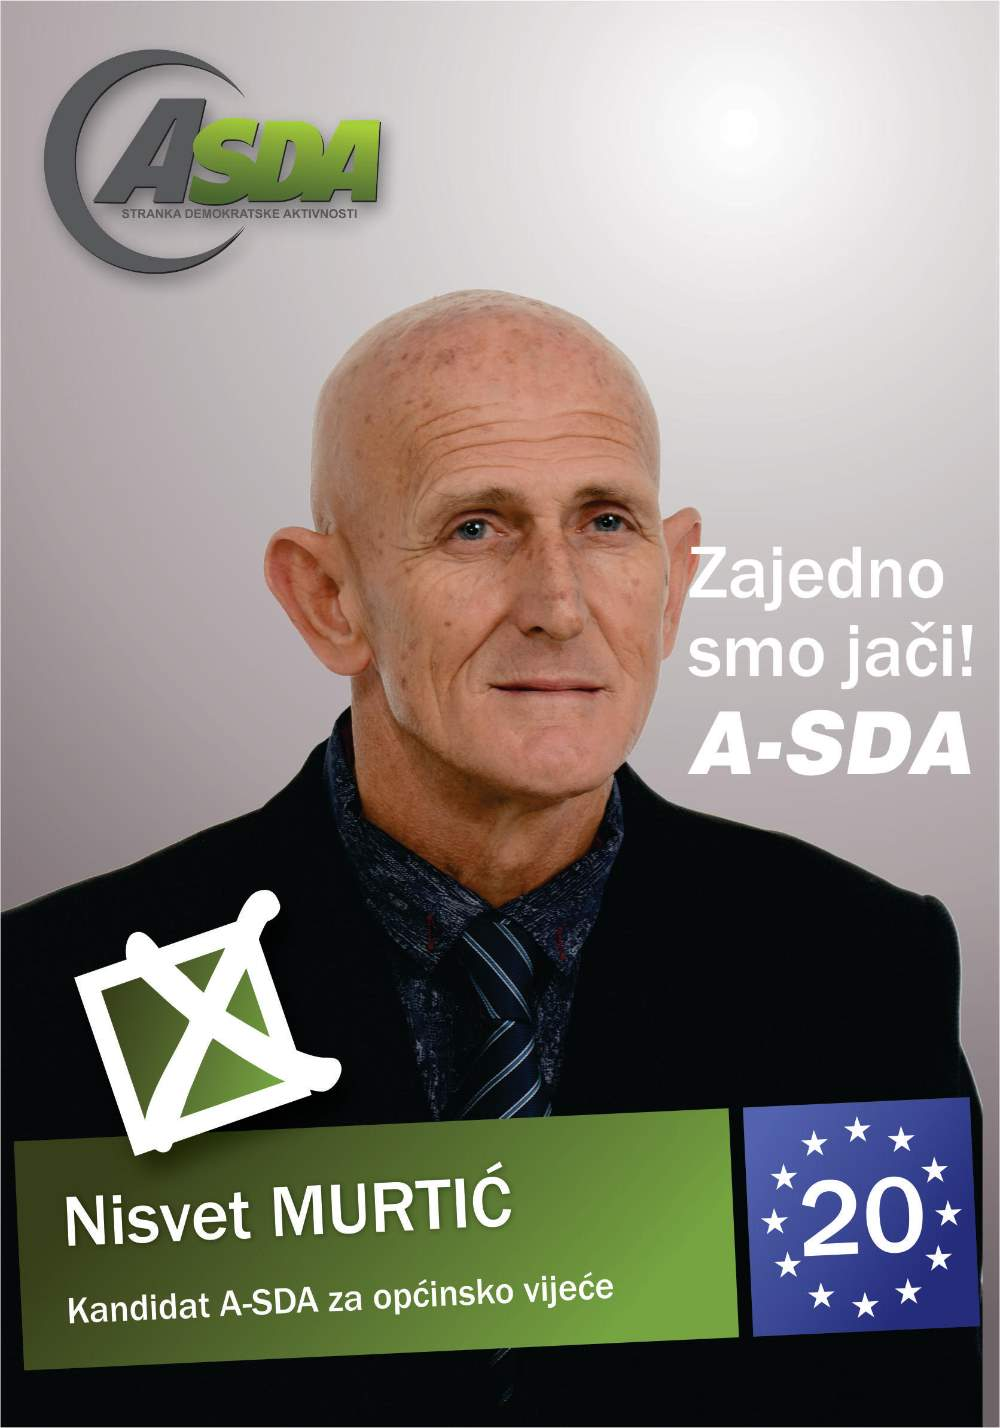 Nisvet Murtić